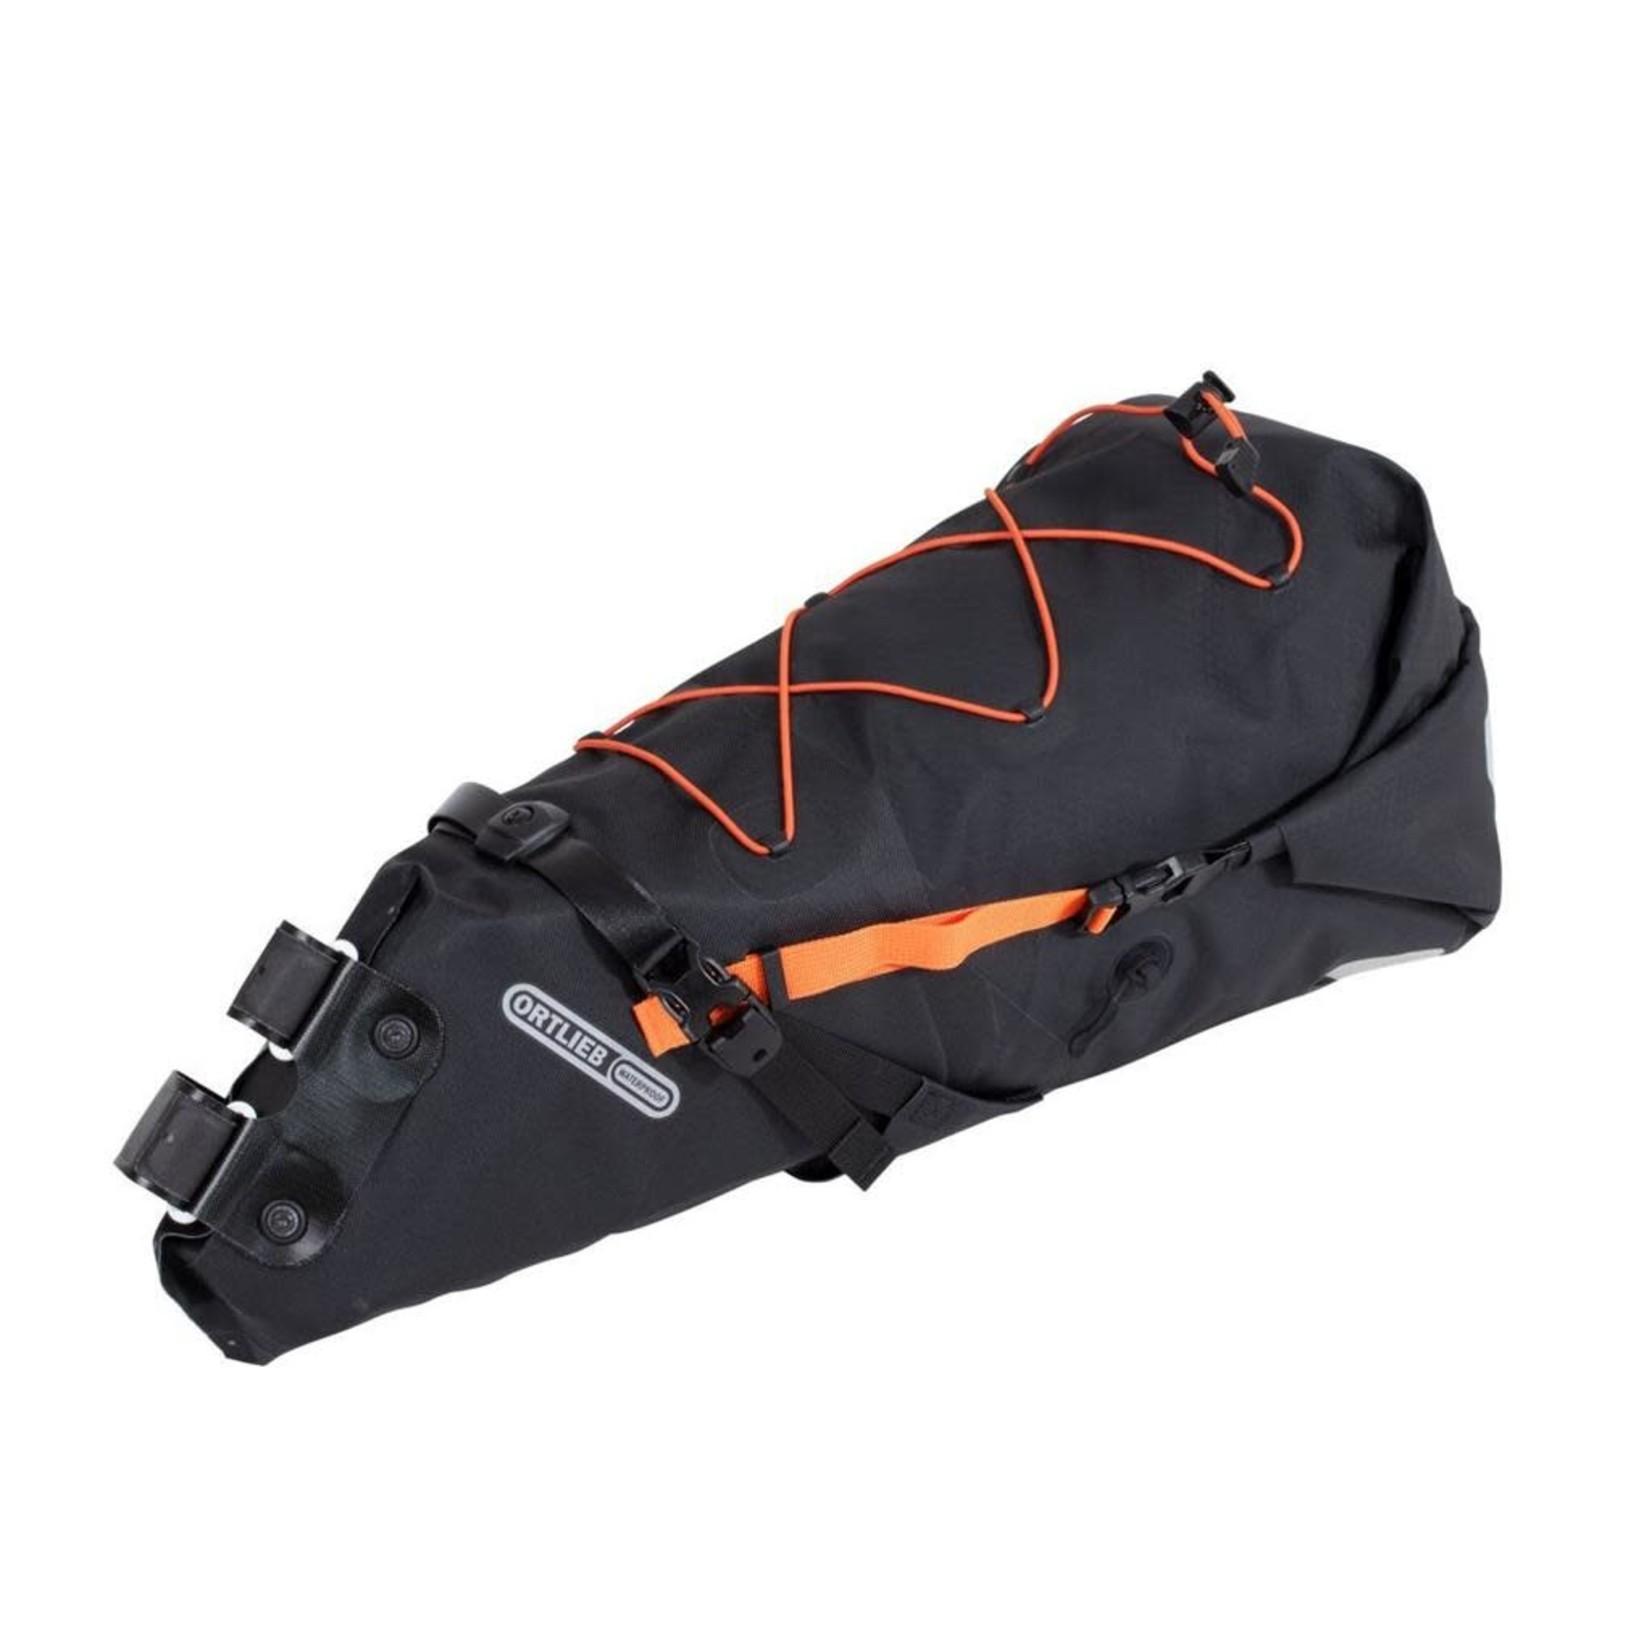 Ortlieb BIKE PACKING SEAT-PACK BLACK MATT 16.5L